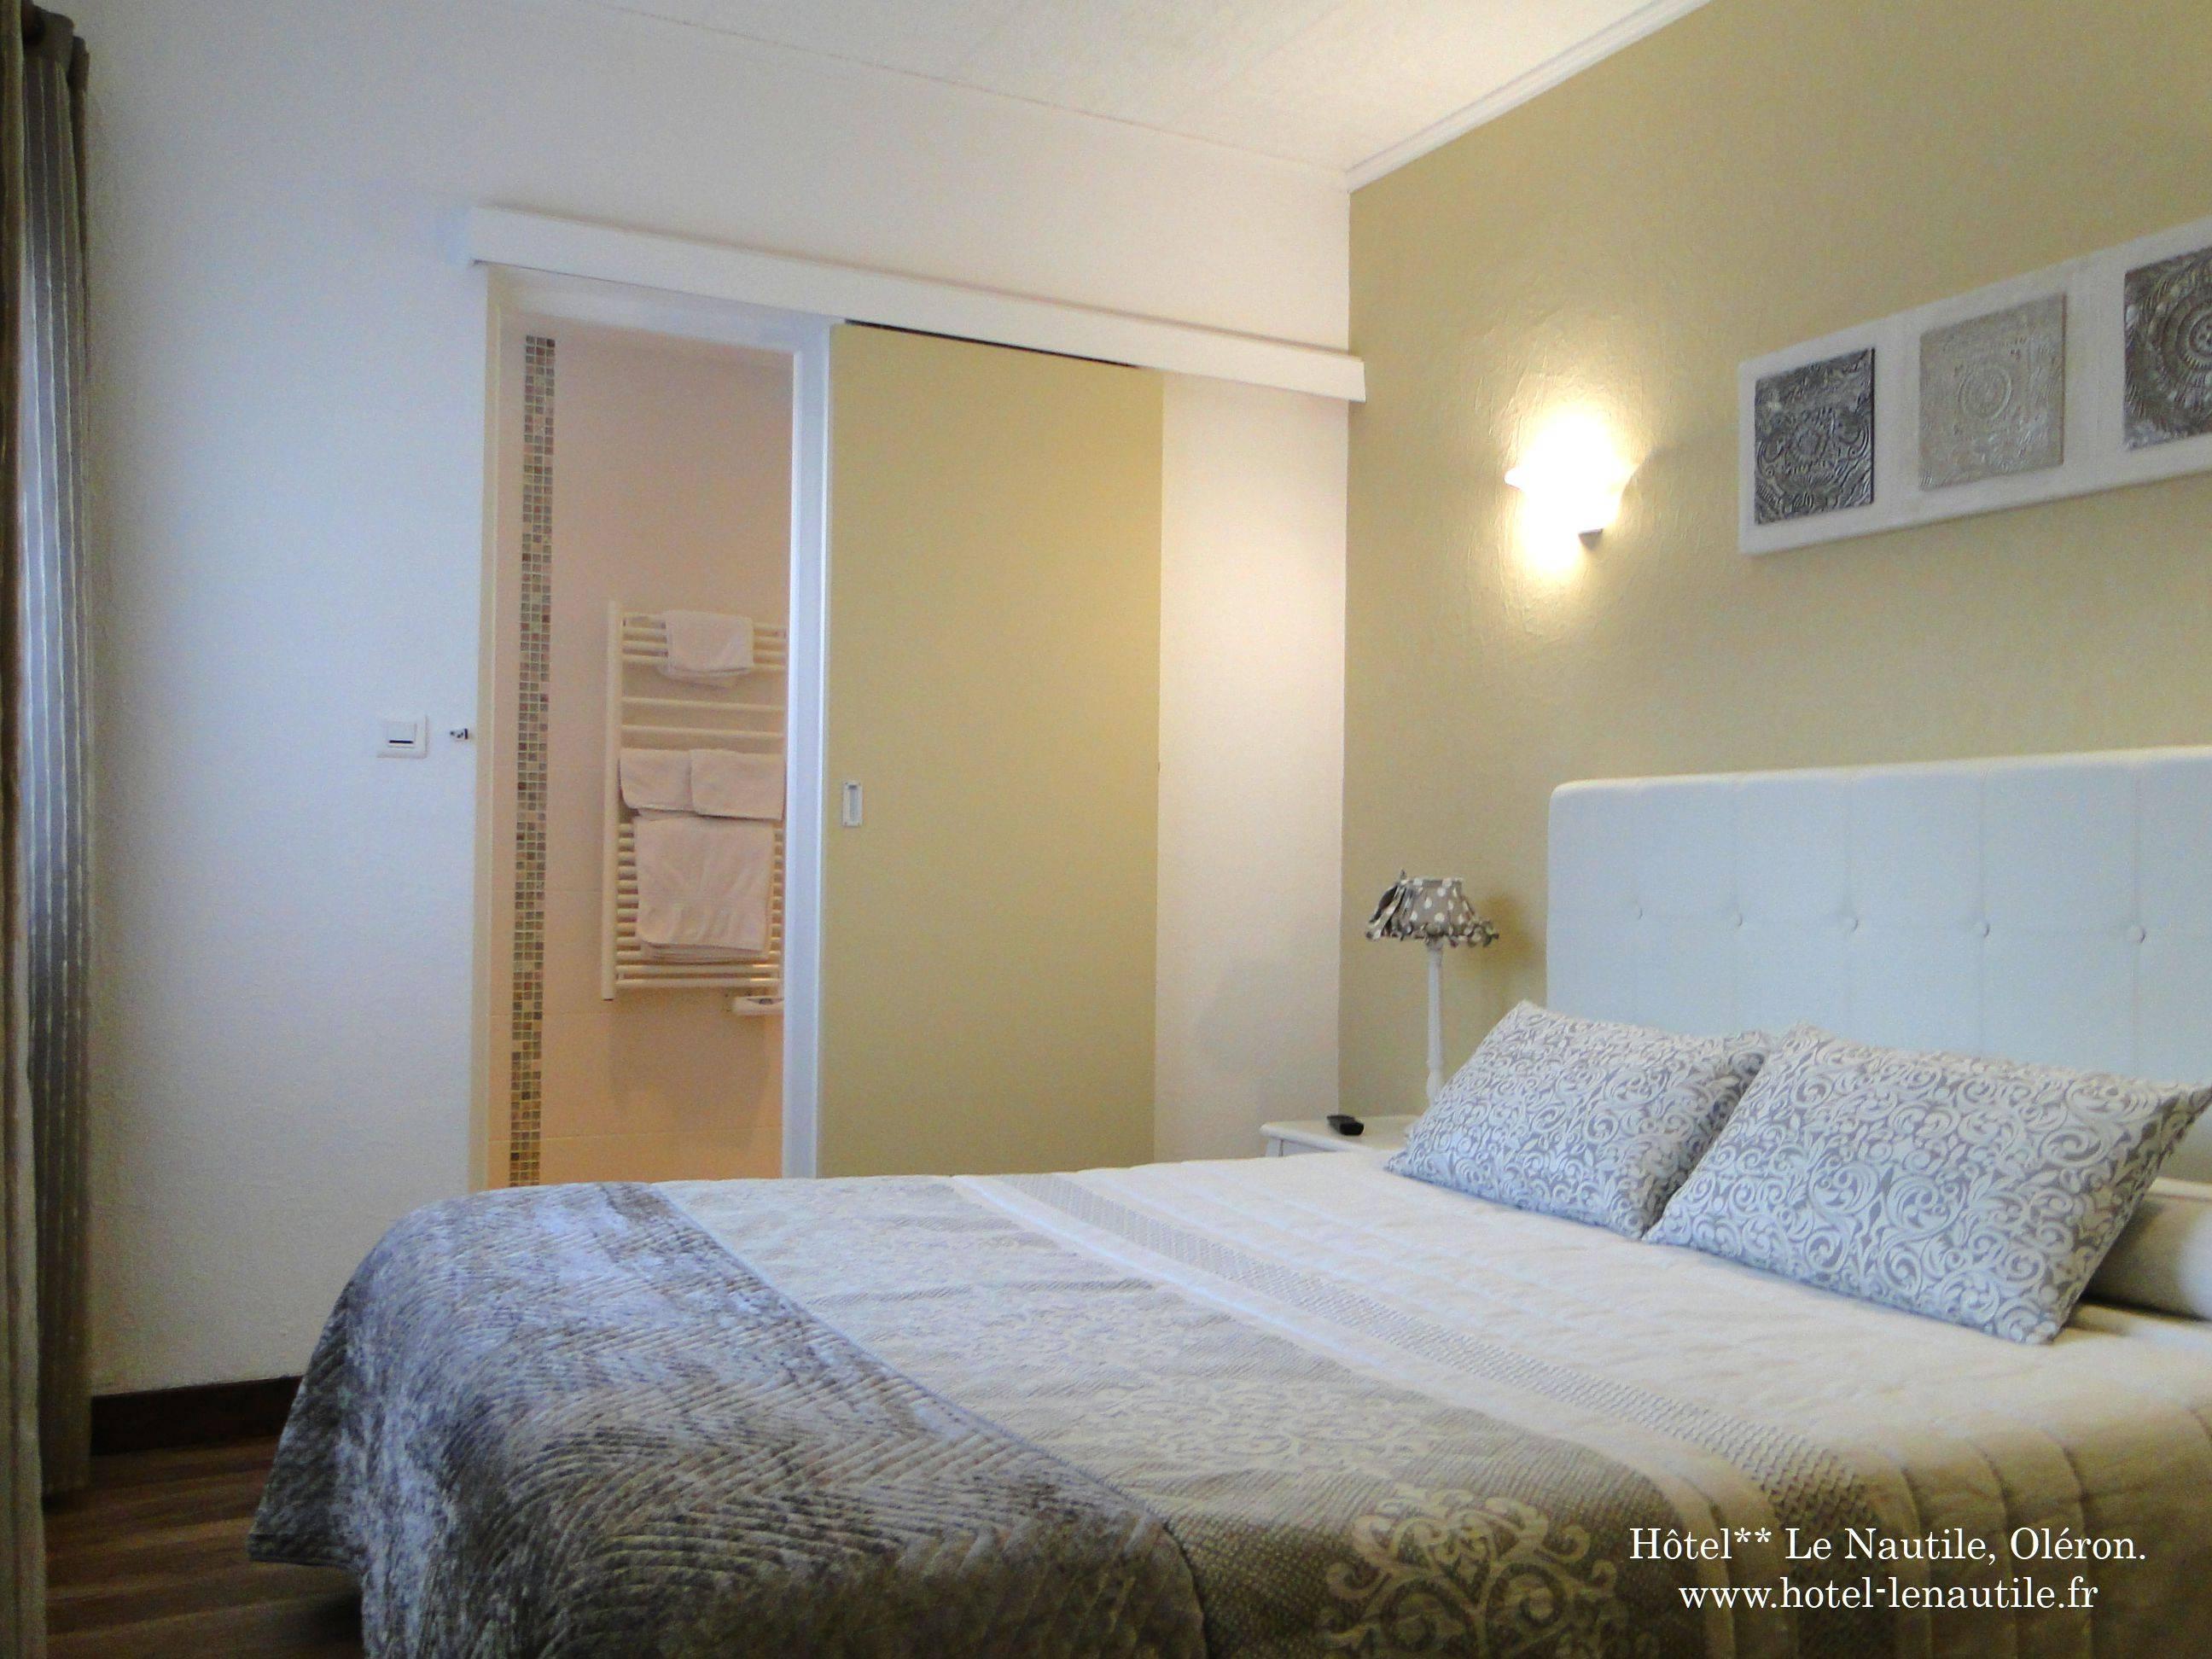 Photo 3: Hôtel Le Nautile, Saint Trojan les Bains - Ile D'Oléron